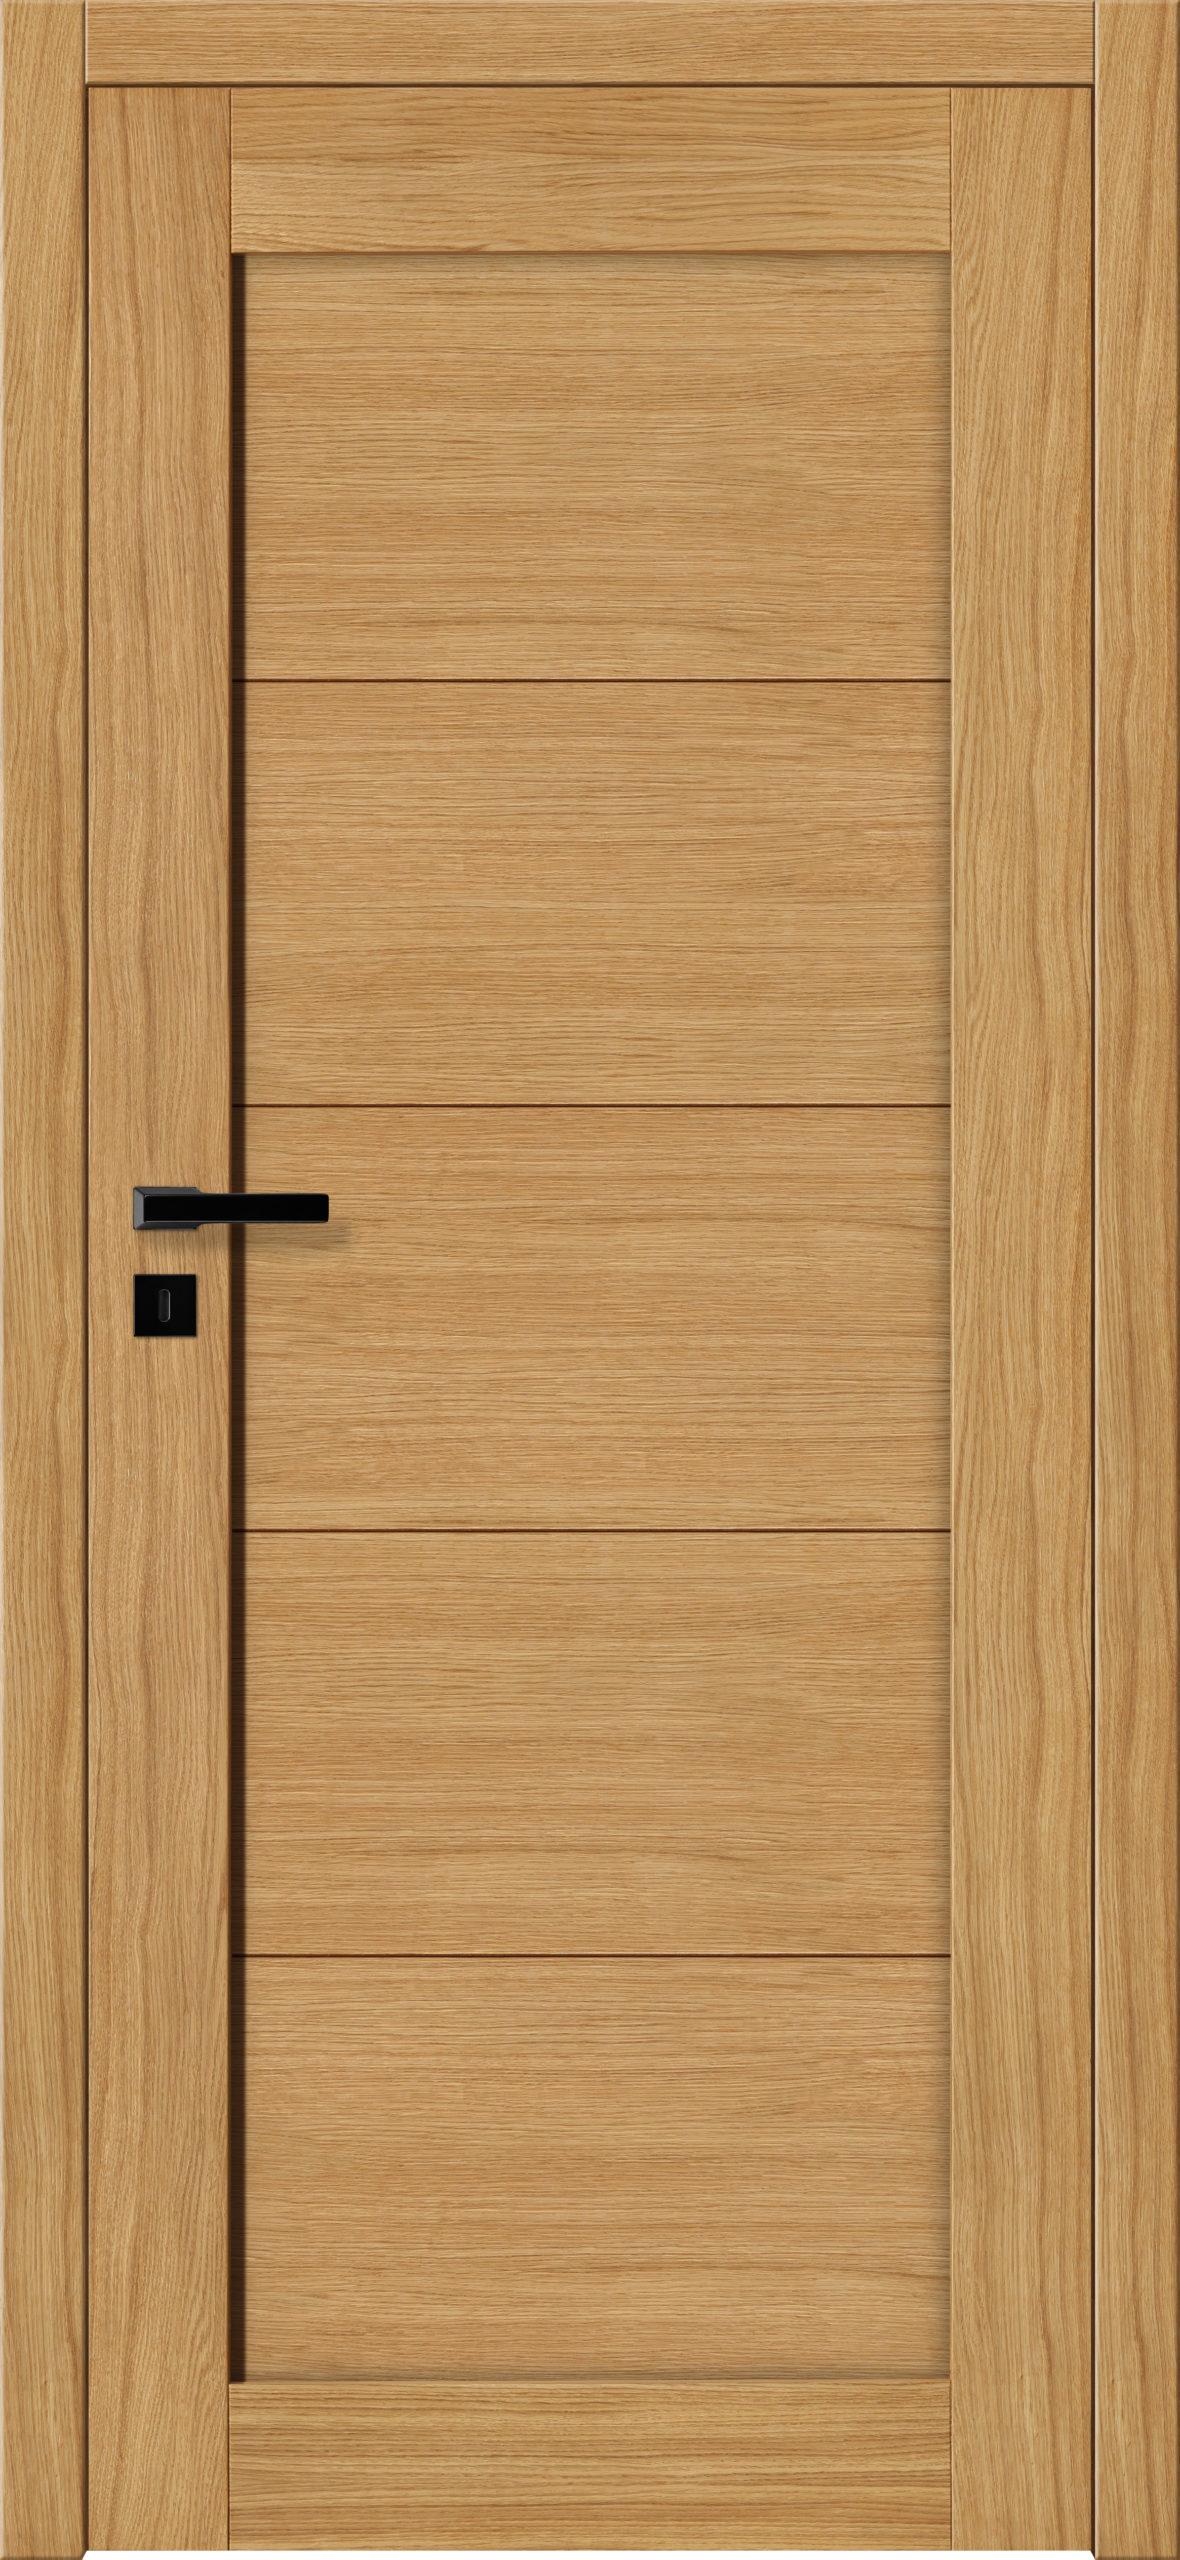 Sevilla E3 - dąb - lakier bezbarwny - szklenie lacomat bezpieczny - ościeżnica bezprzylgowa regulowana drewniana (V)